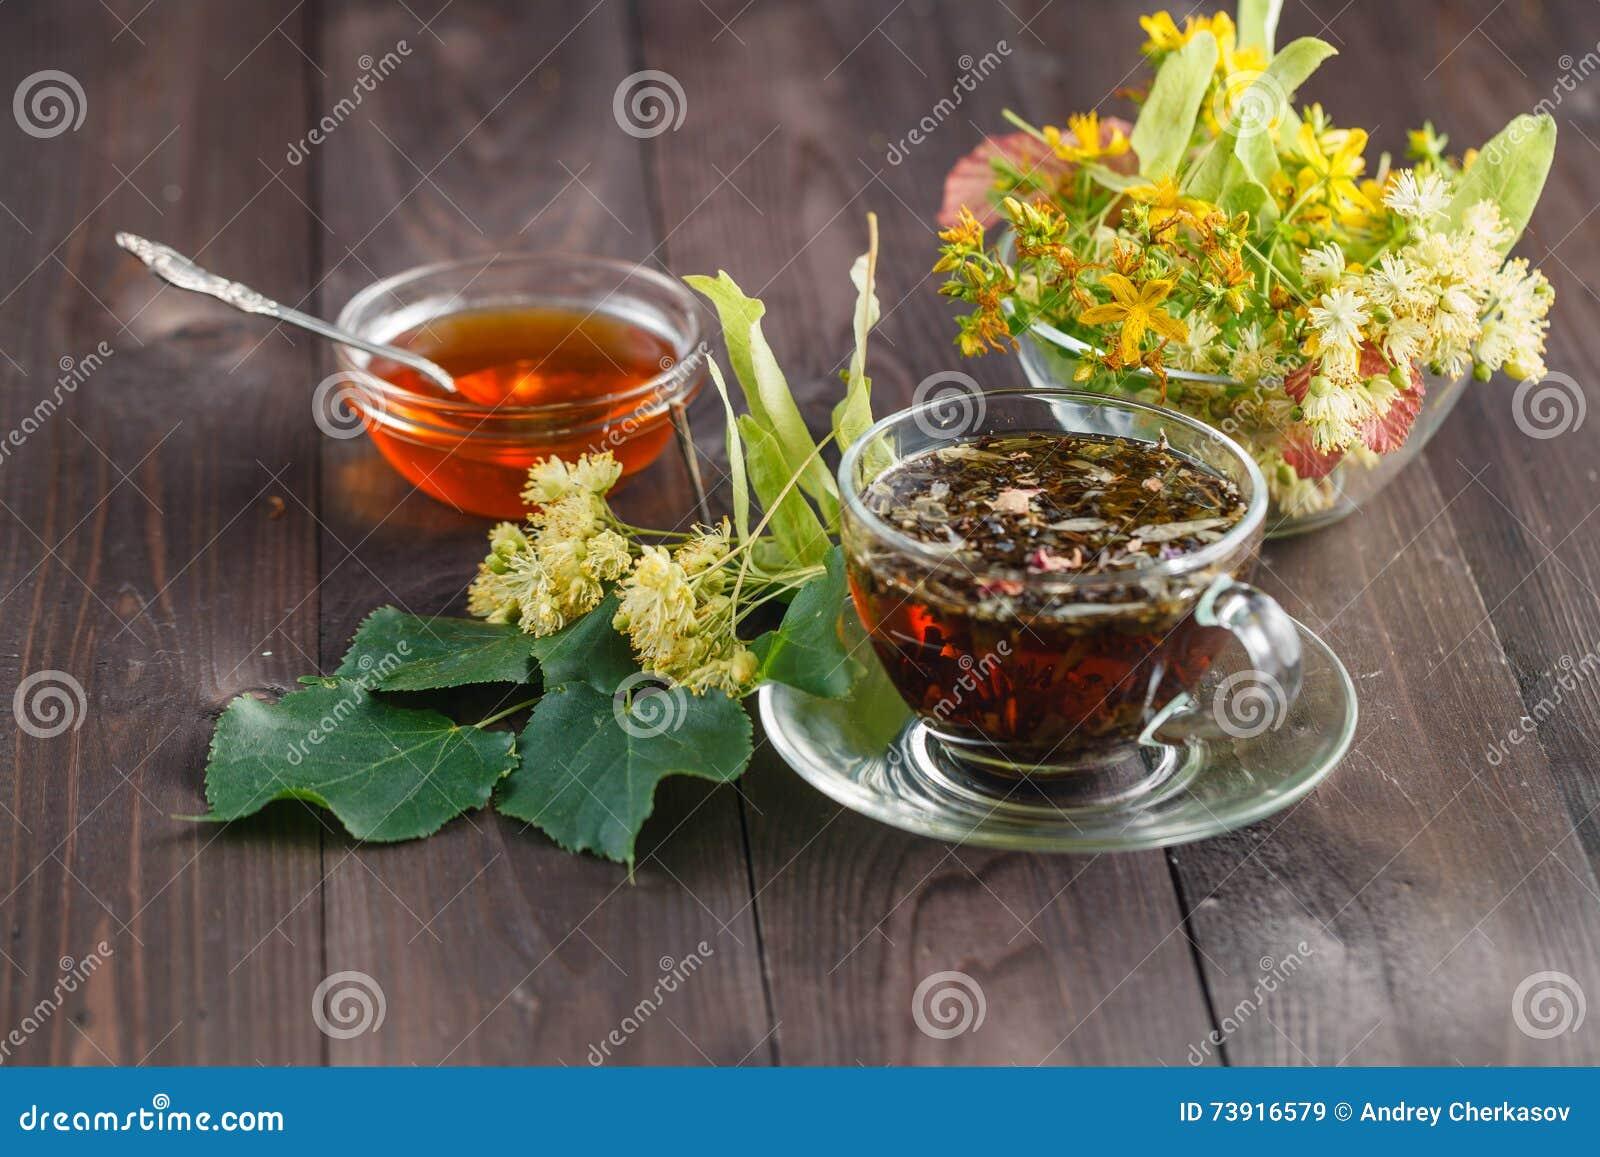 Herbal linden tea